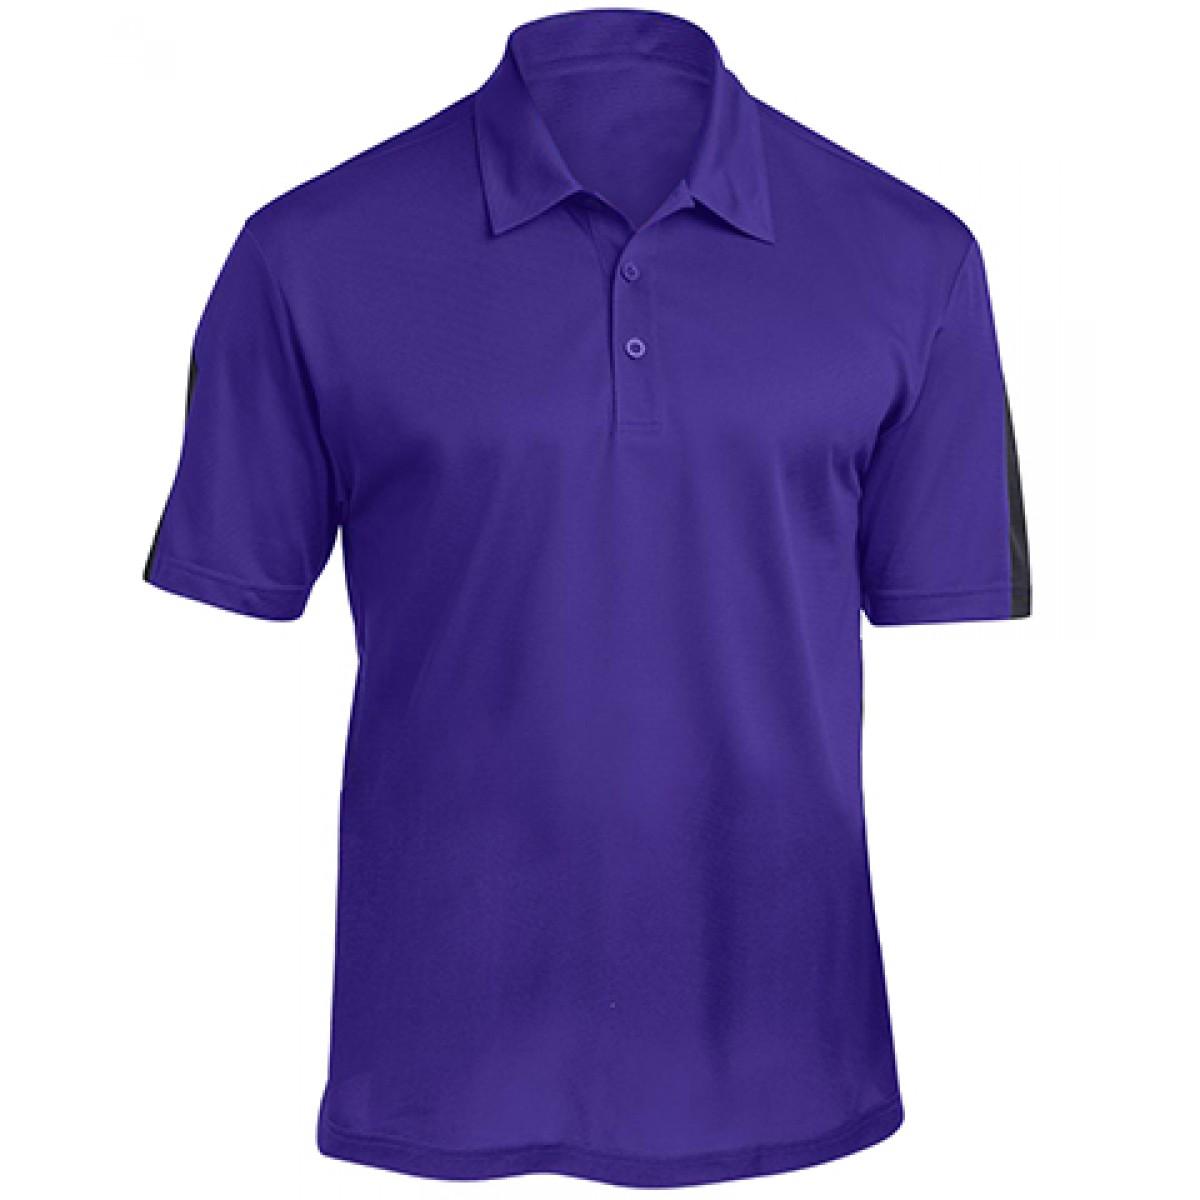 Textured Colorblock Polo-Purple/Black-L